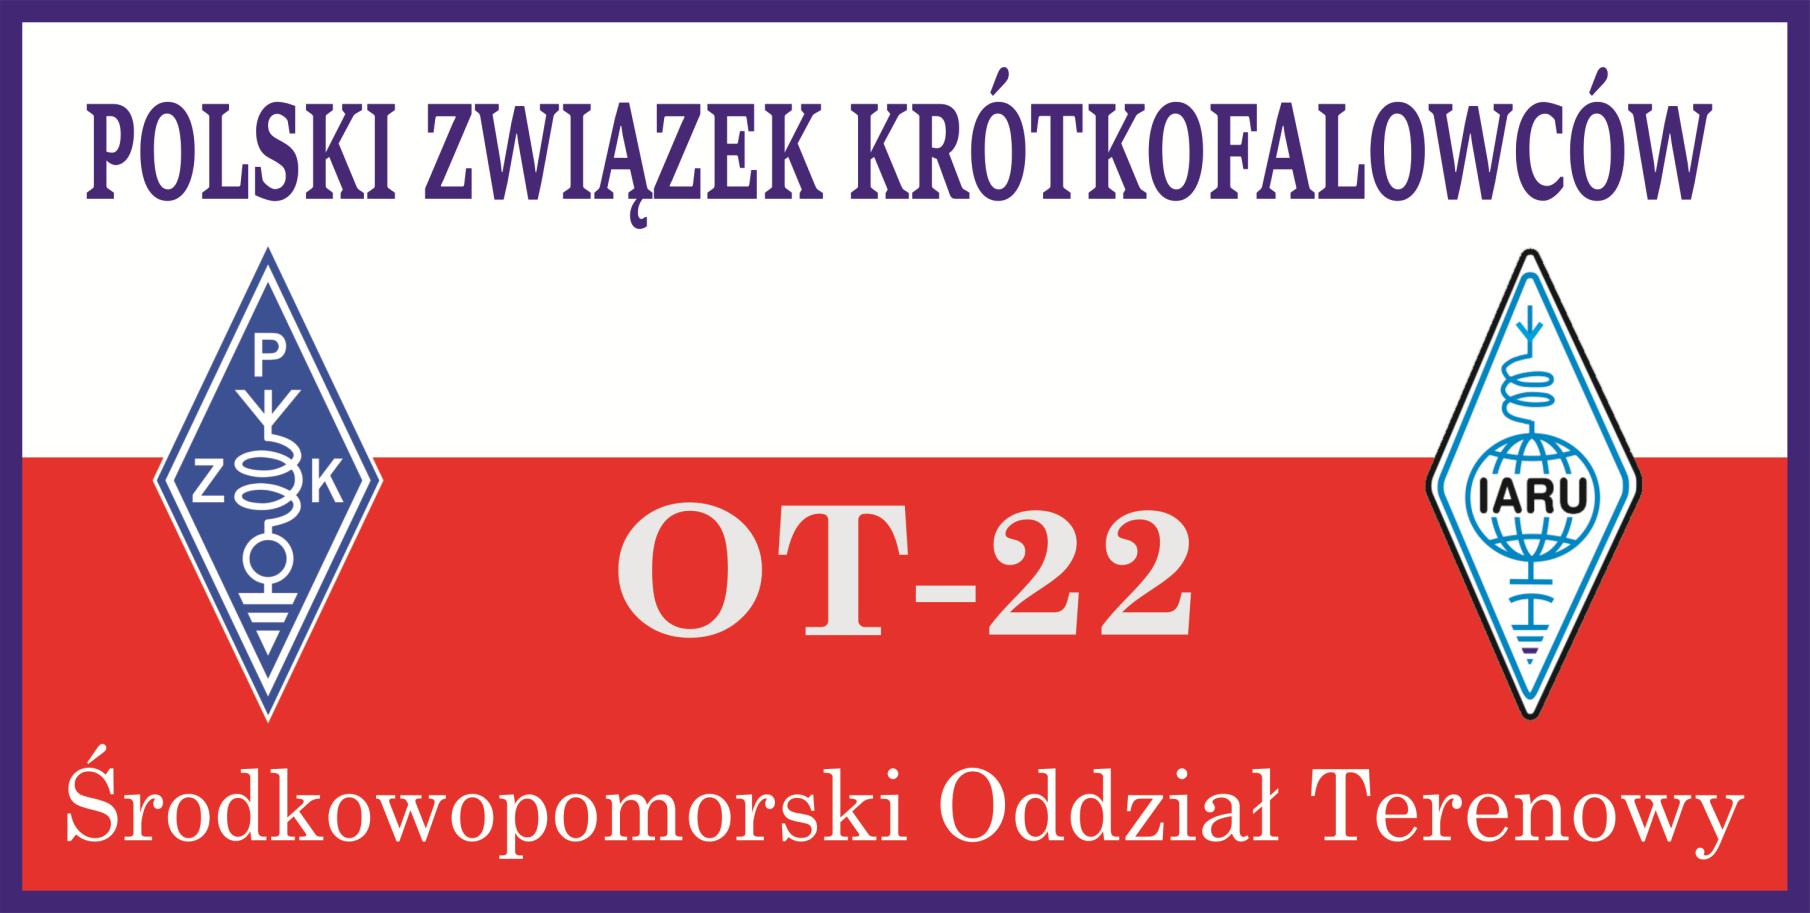 OT22 PZK